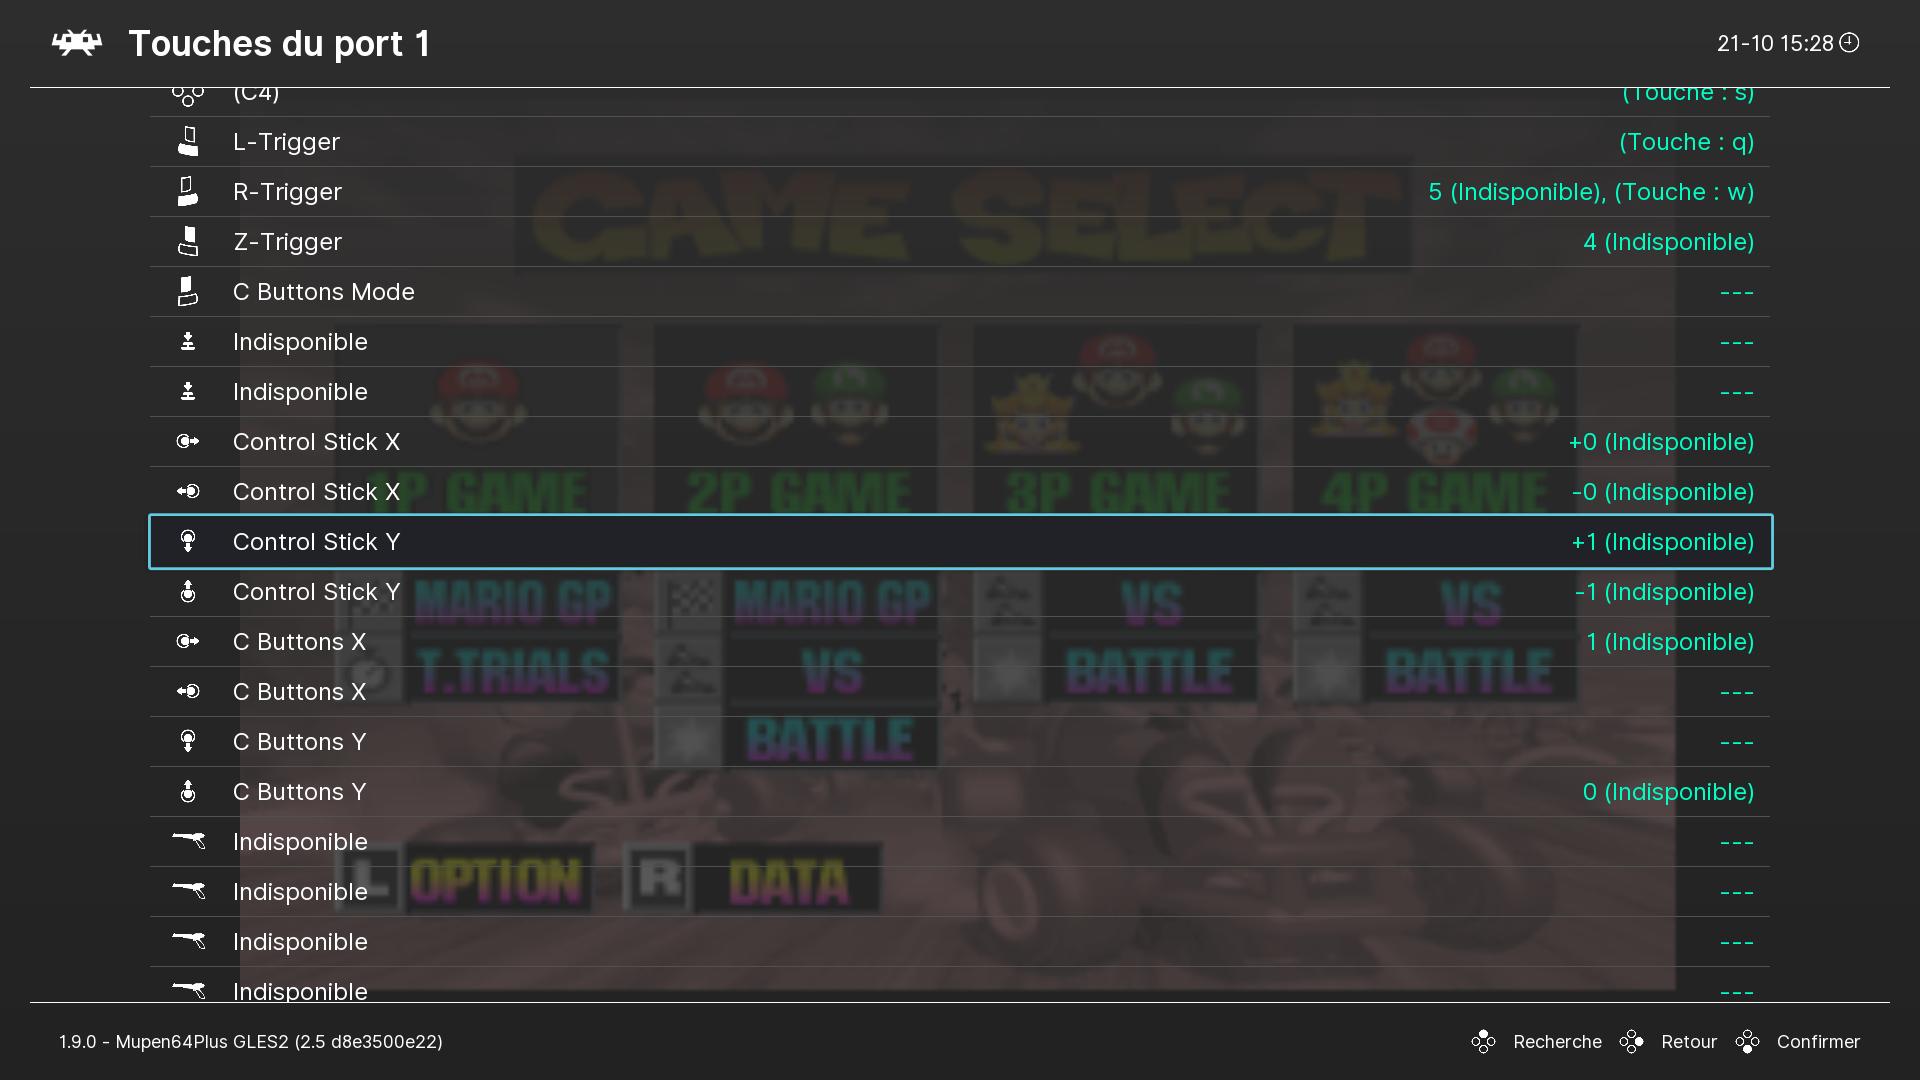 screenshot 2 sur 3